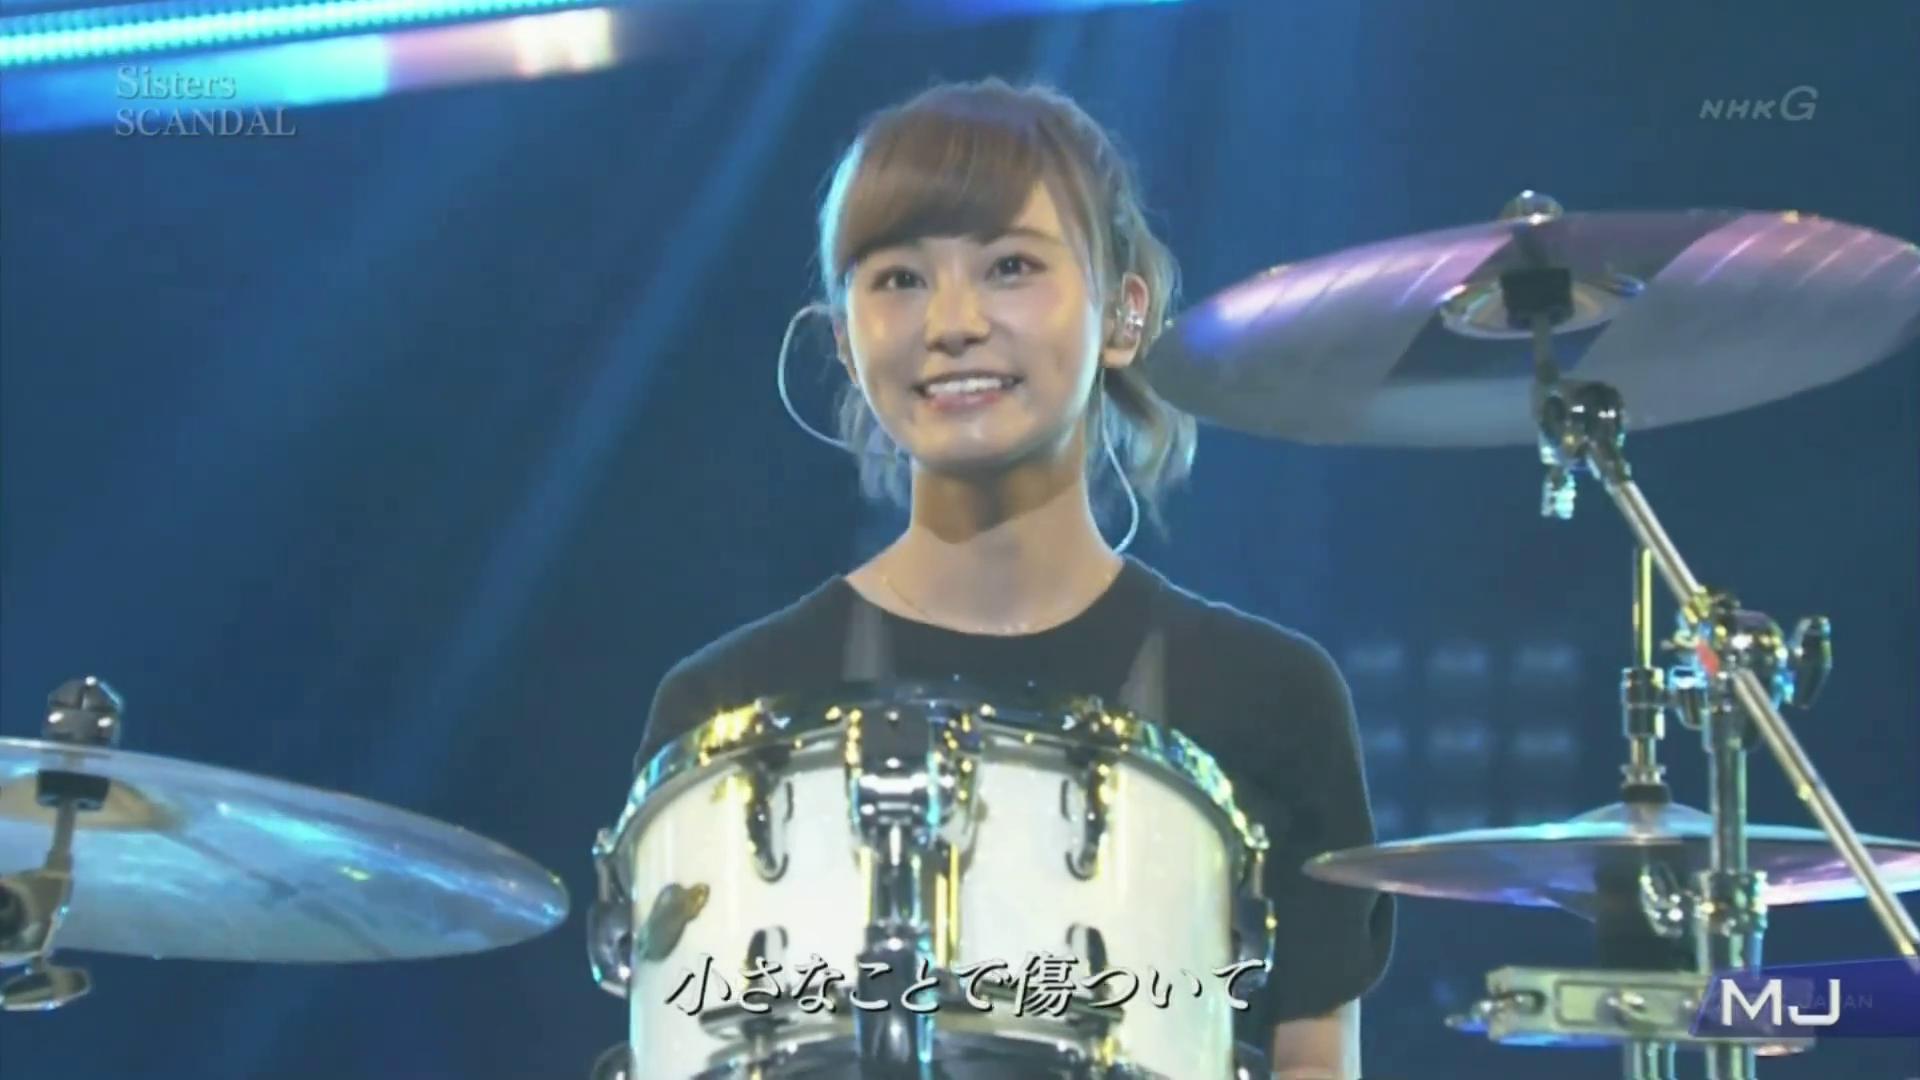 SCANDAL prochainement sur NHK {Music Japan}